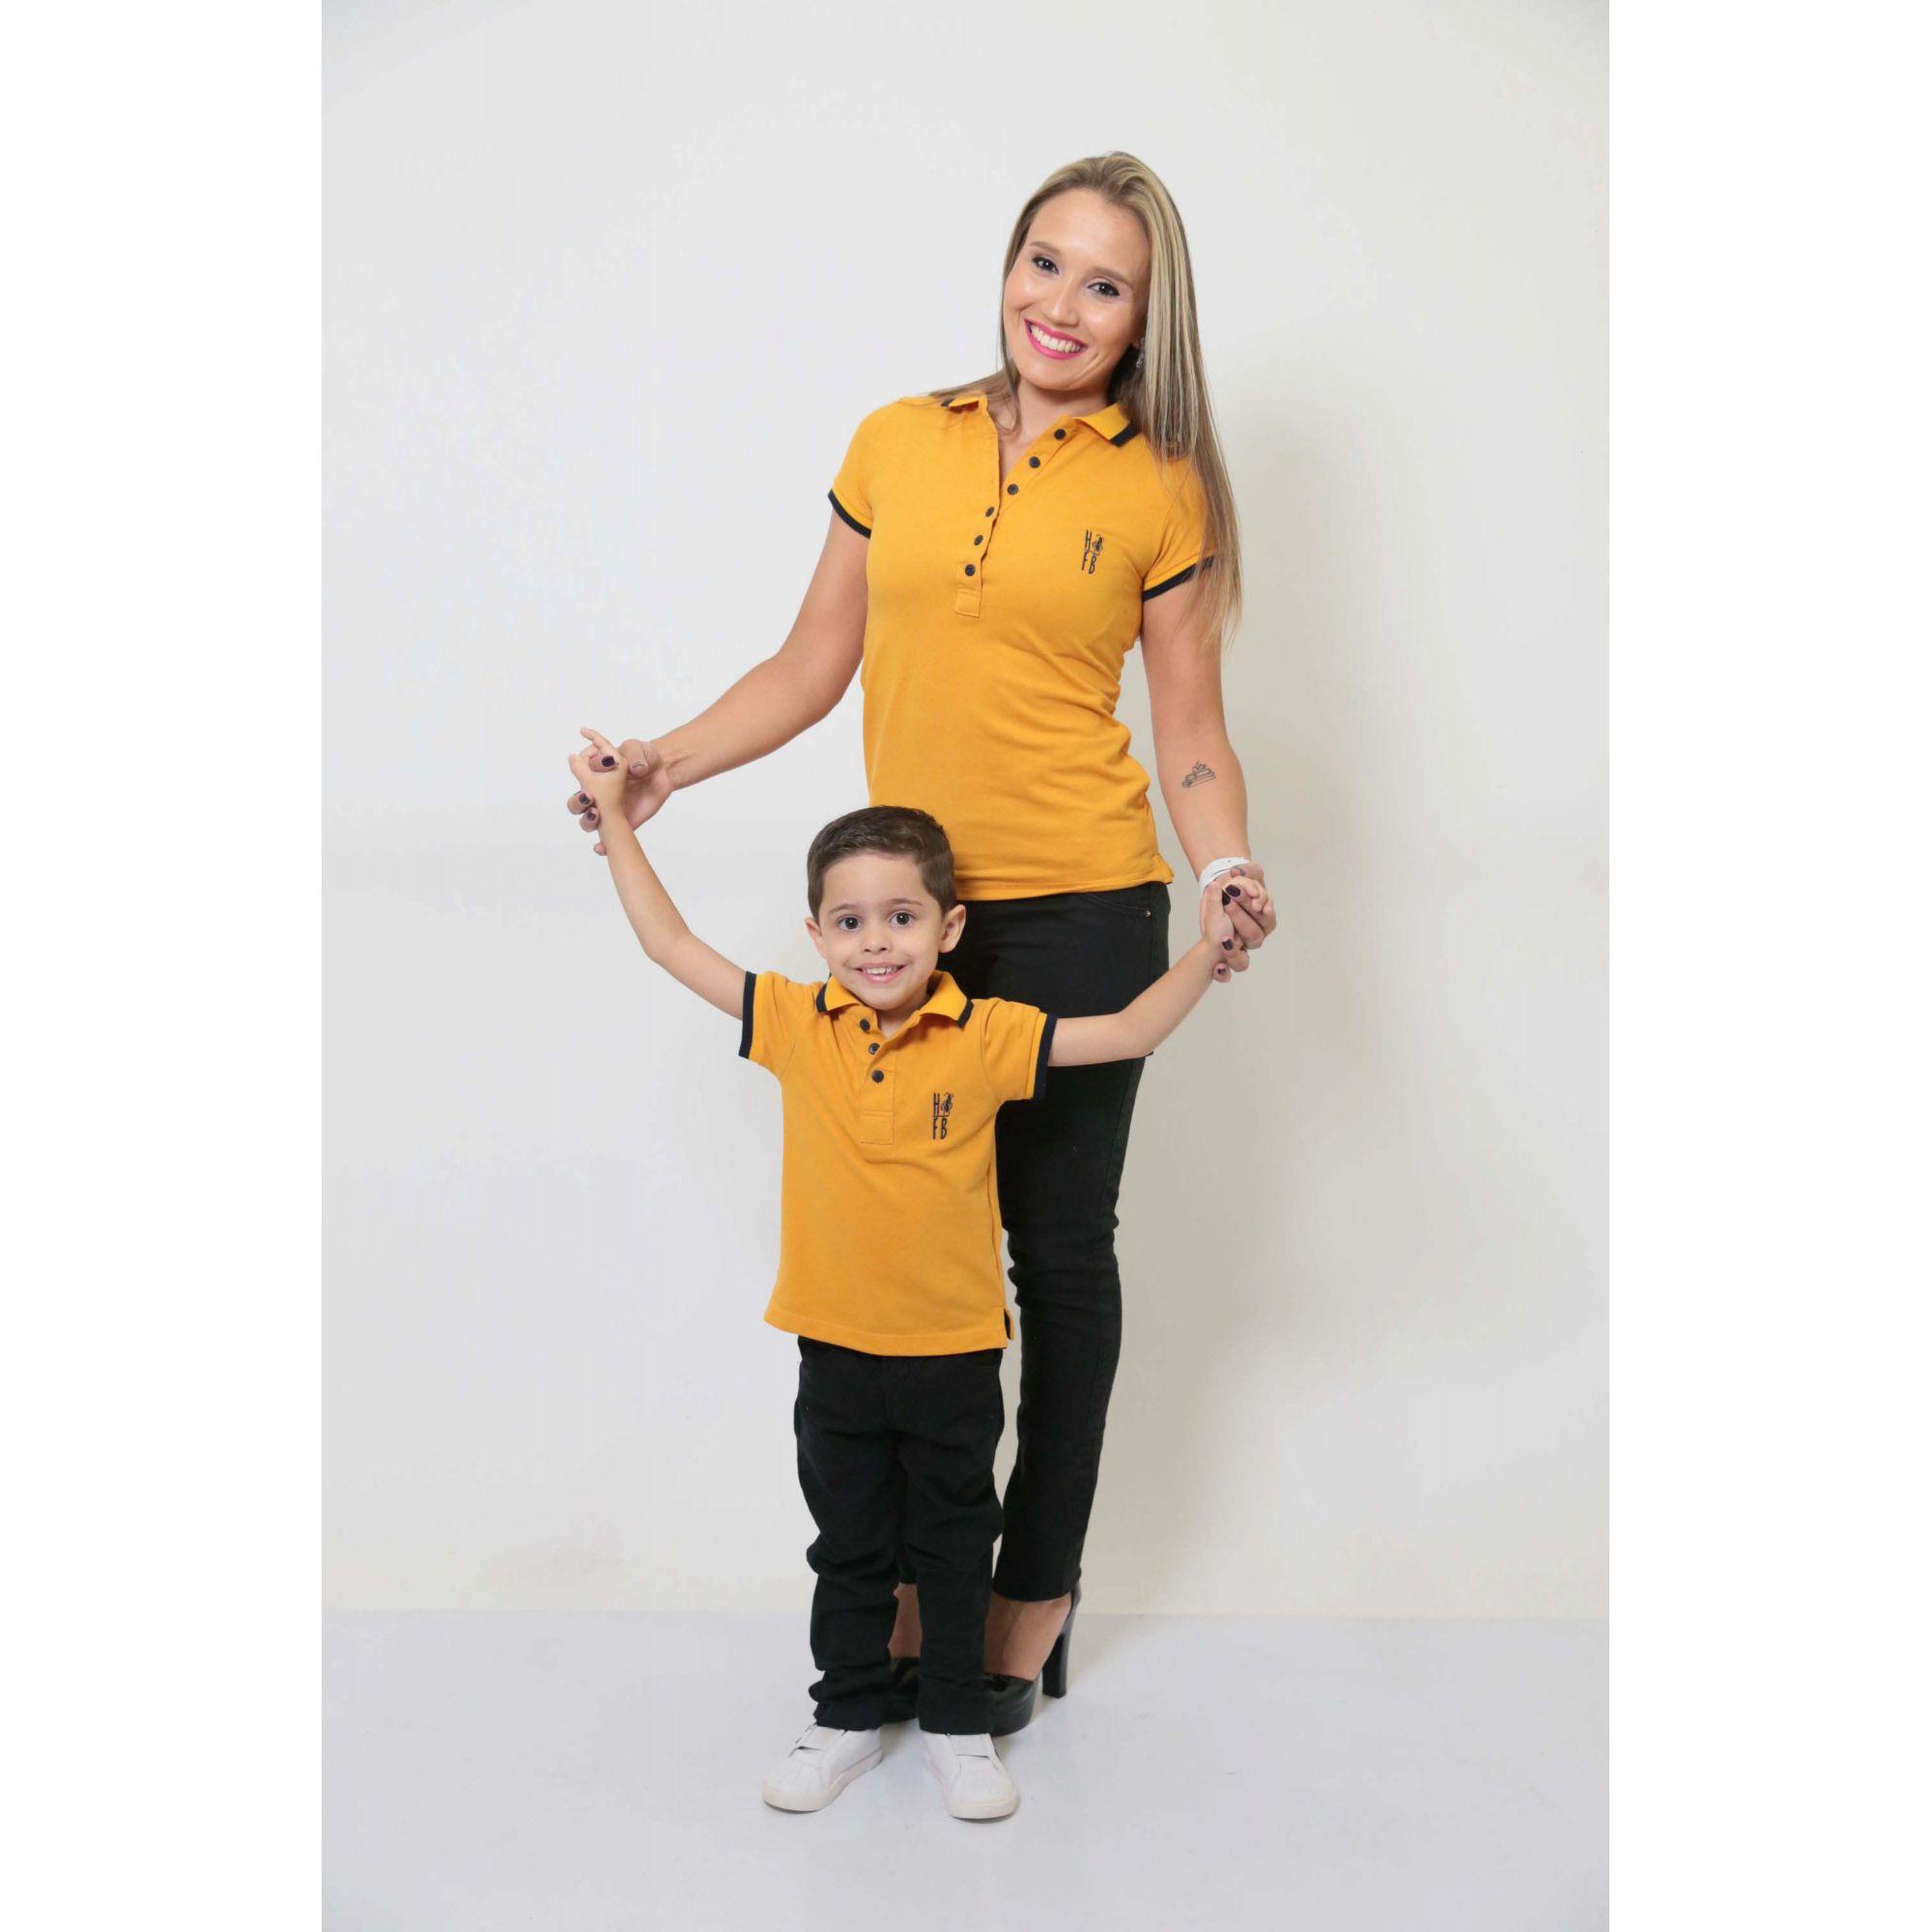 MÃE E FILHO > Kit 02 Peças - Camisas ou Body Polo Mostarda [Coleção Tal Mãe Tal Filho]